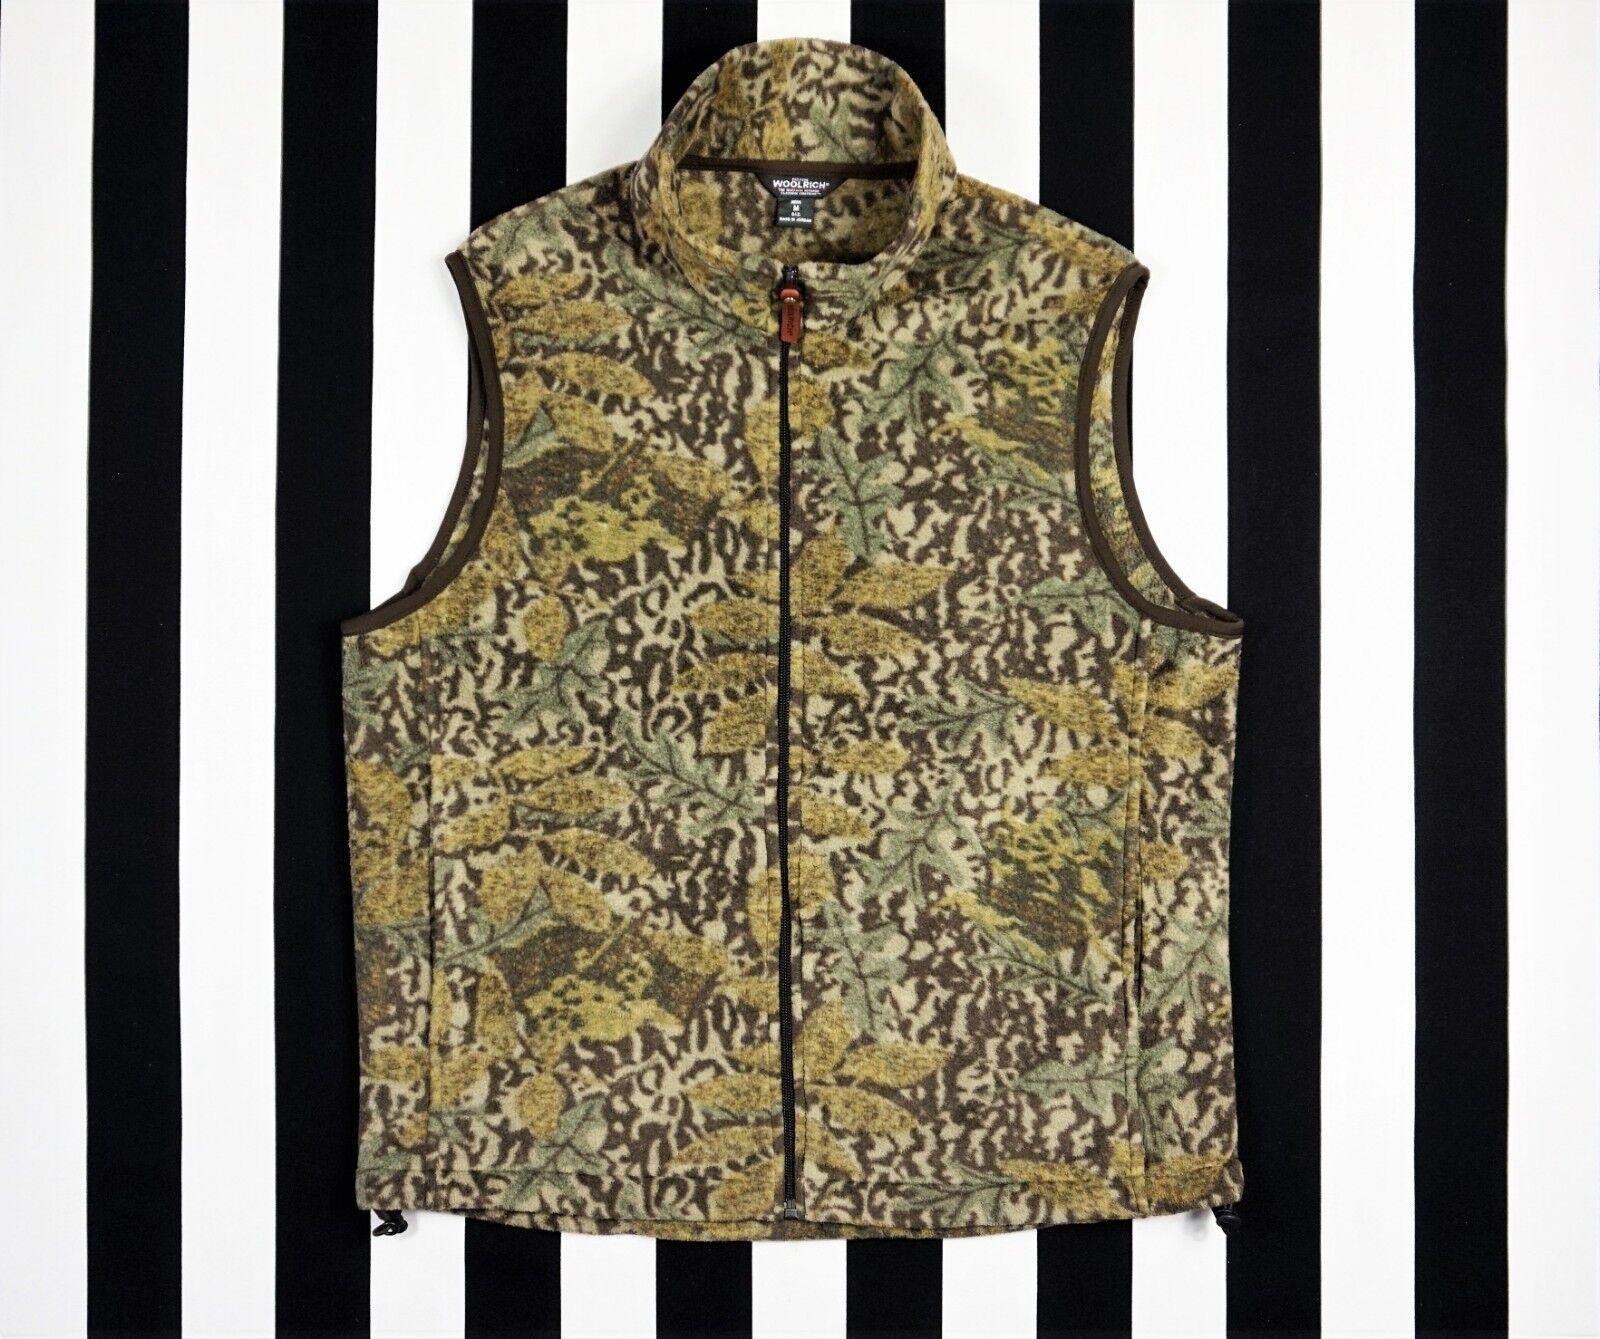 WOOLRICH Men's Full Zip Fleece Camouflage Hunting Vest size Medium